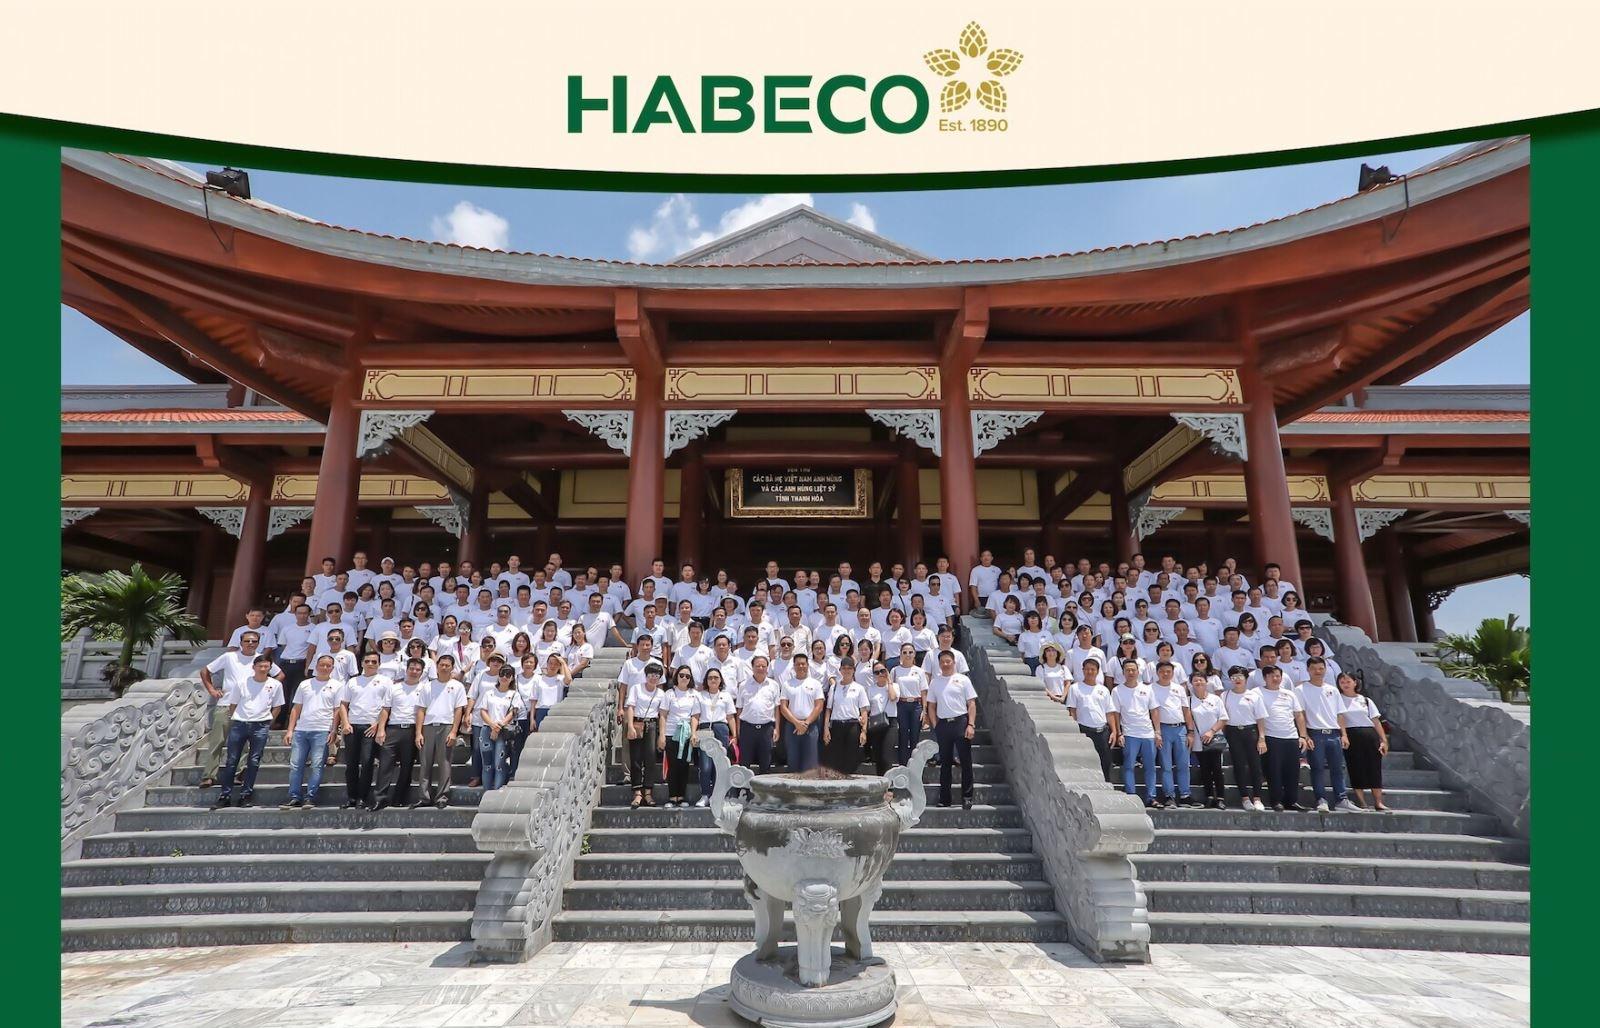 habeco gia tri cot loi va hanh dong cua chung ta trong cach mang cong nghiep 40